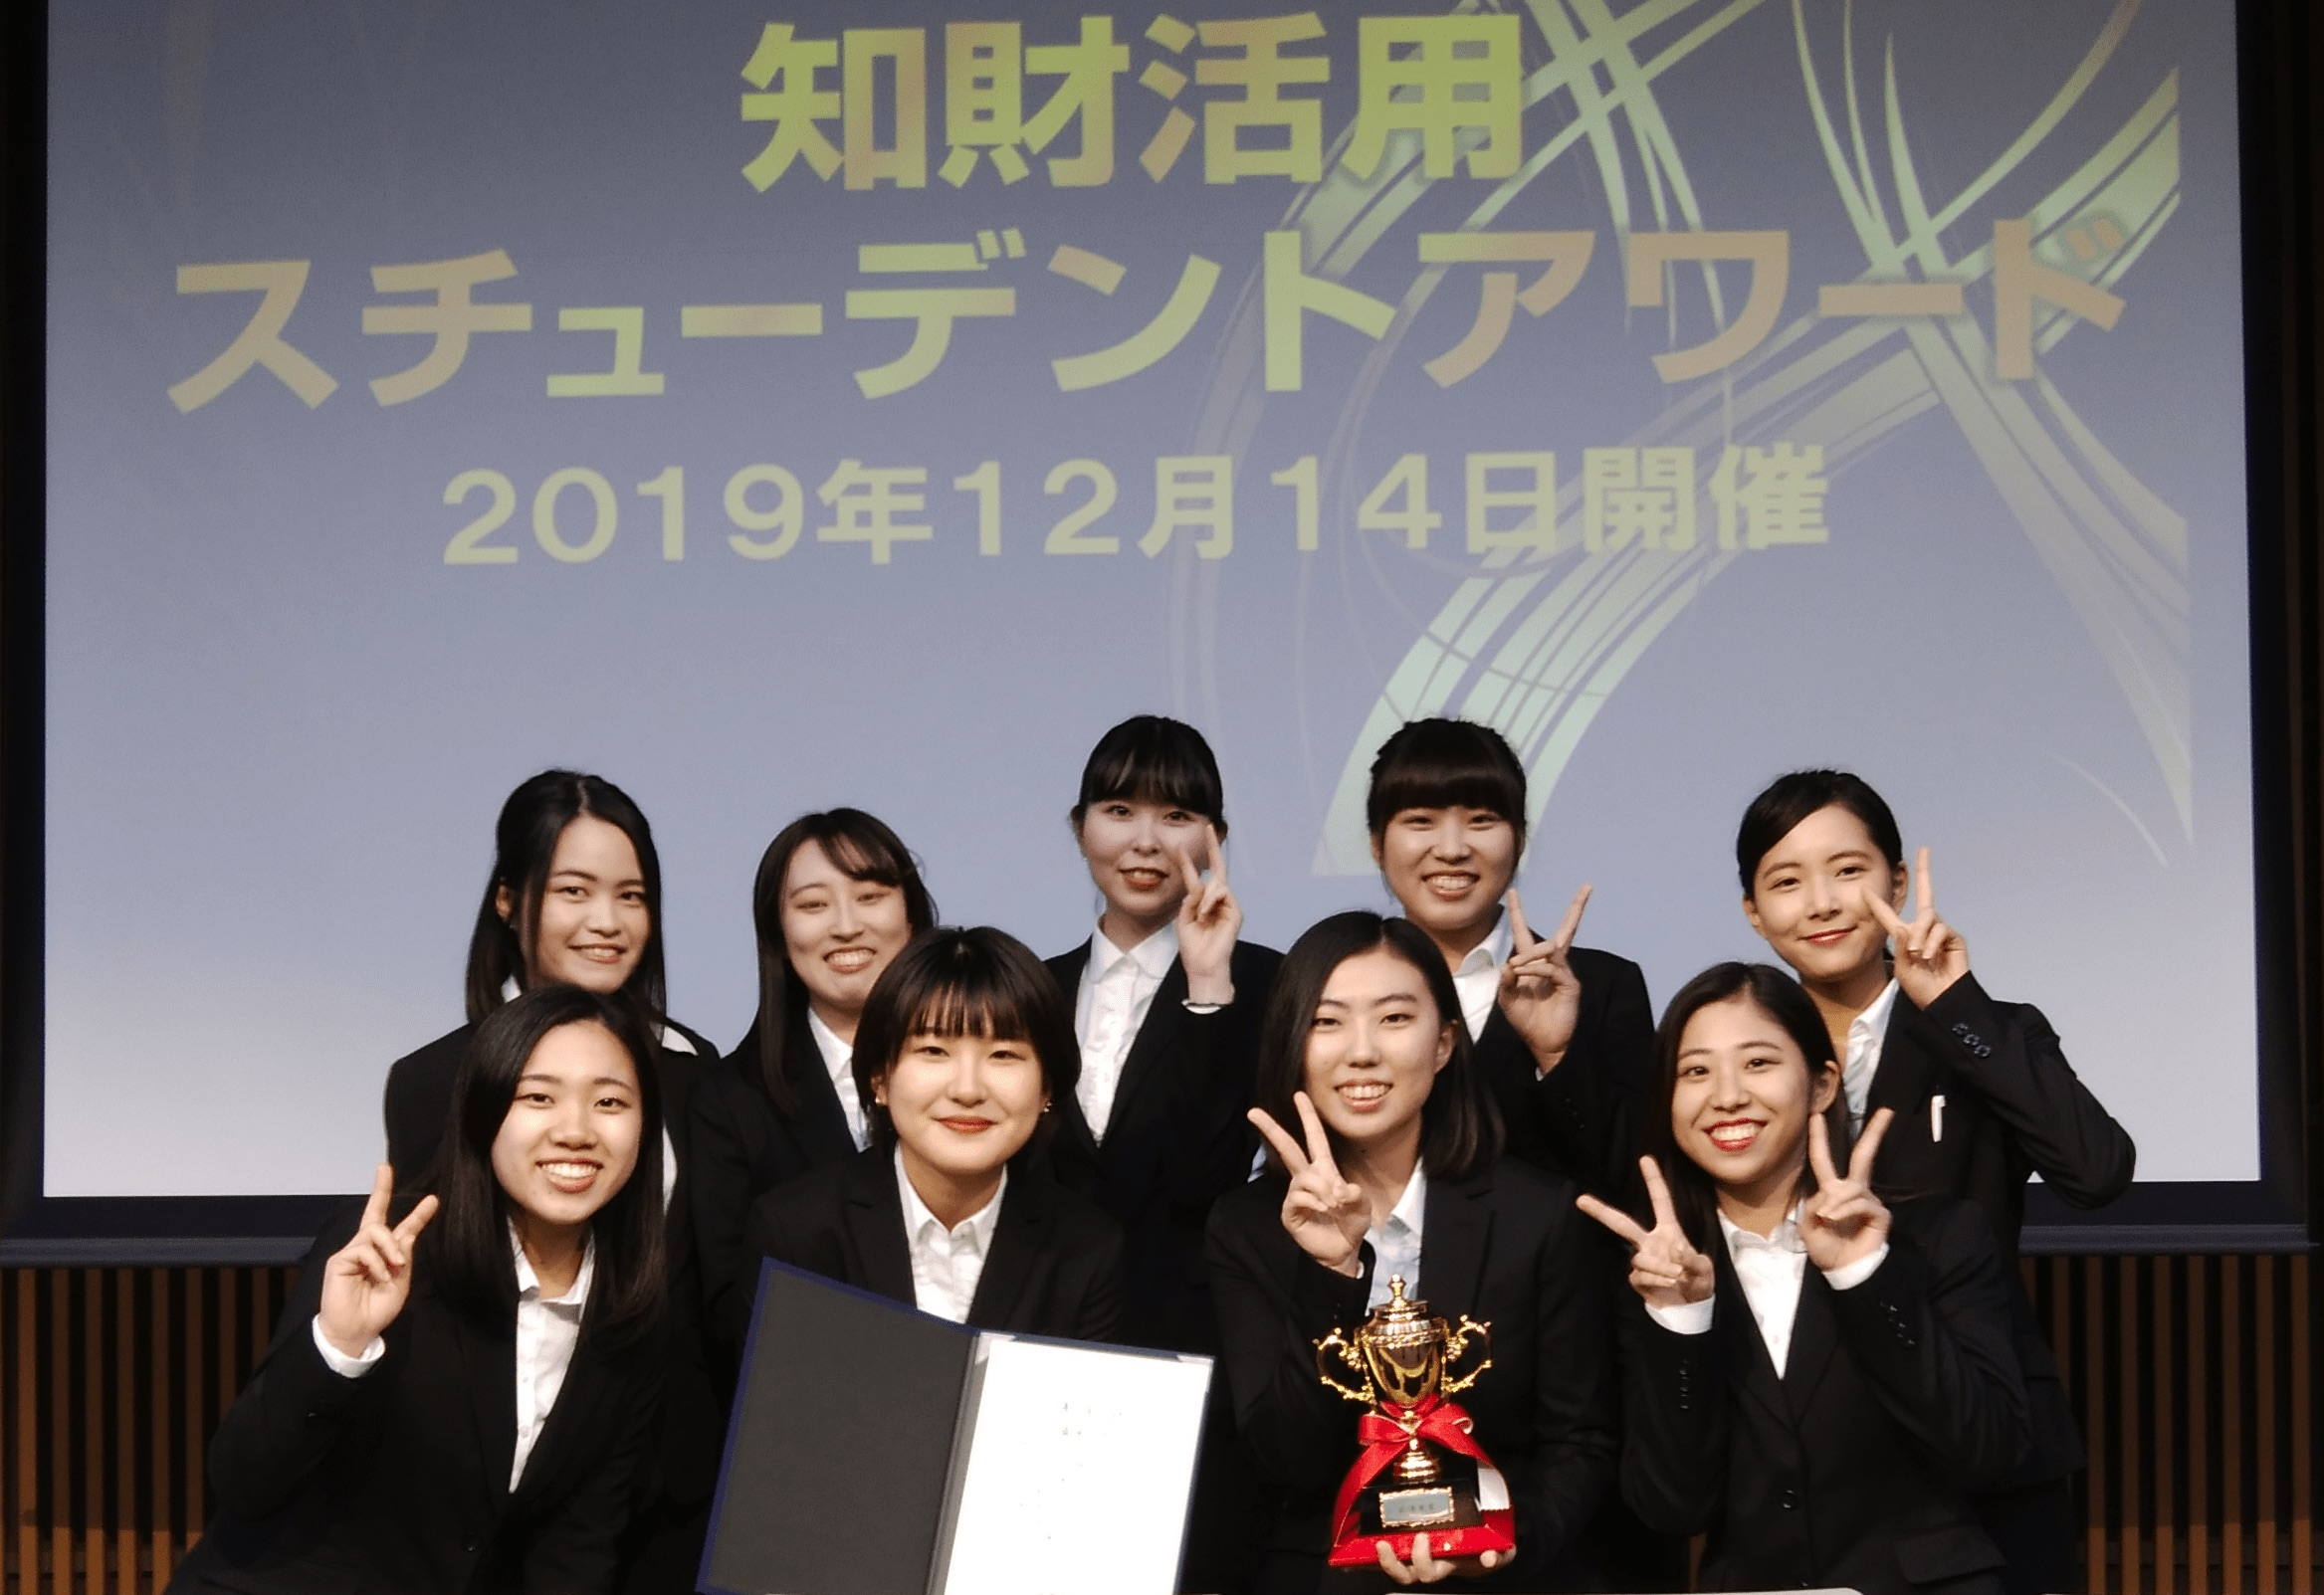 知財活用スチューデントアワードで最優秀賞を獲得した「前田ゼミ2019」の皆さん